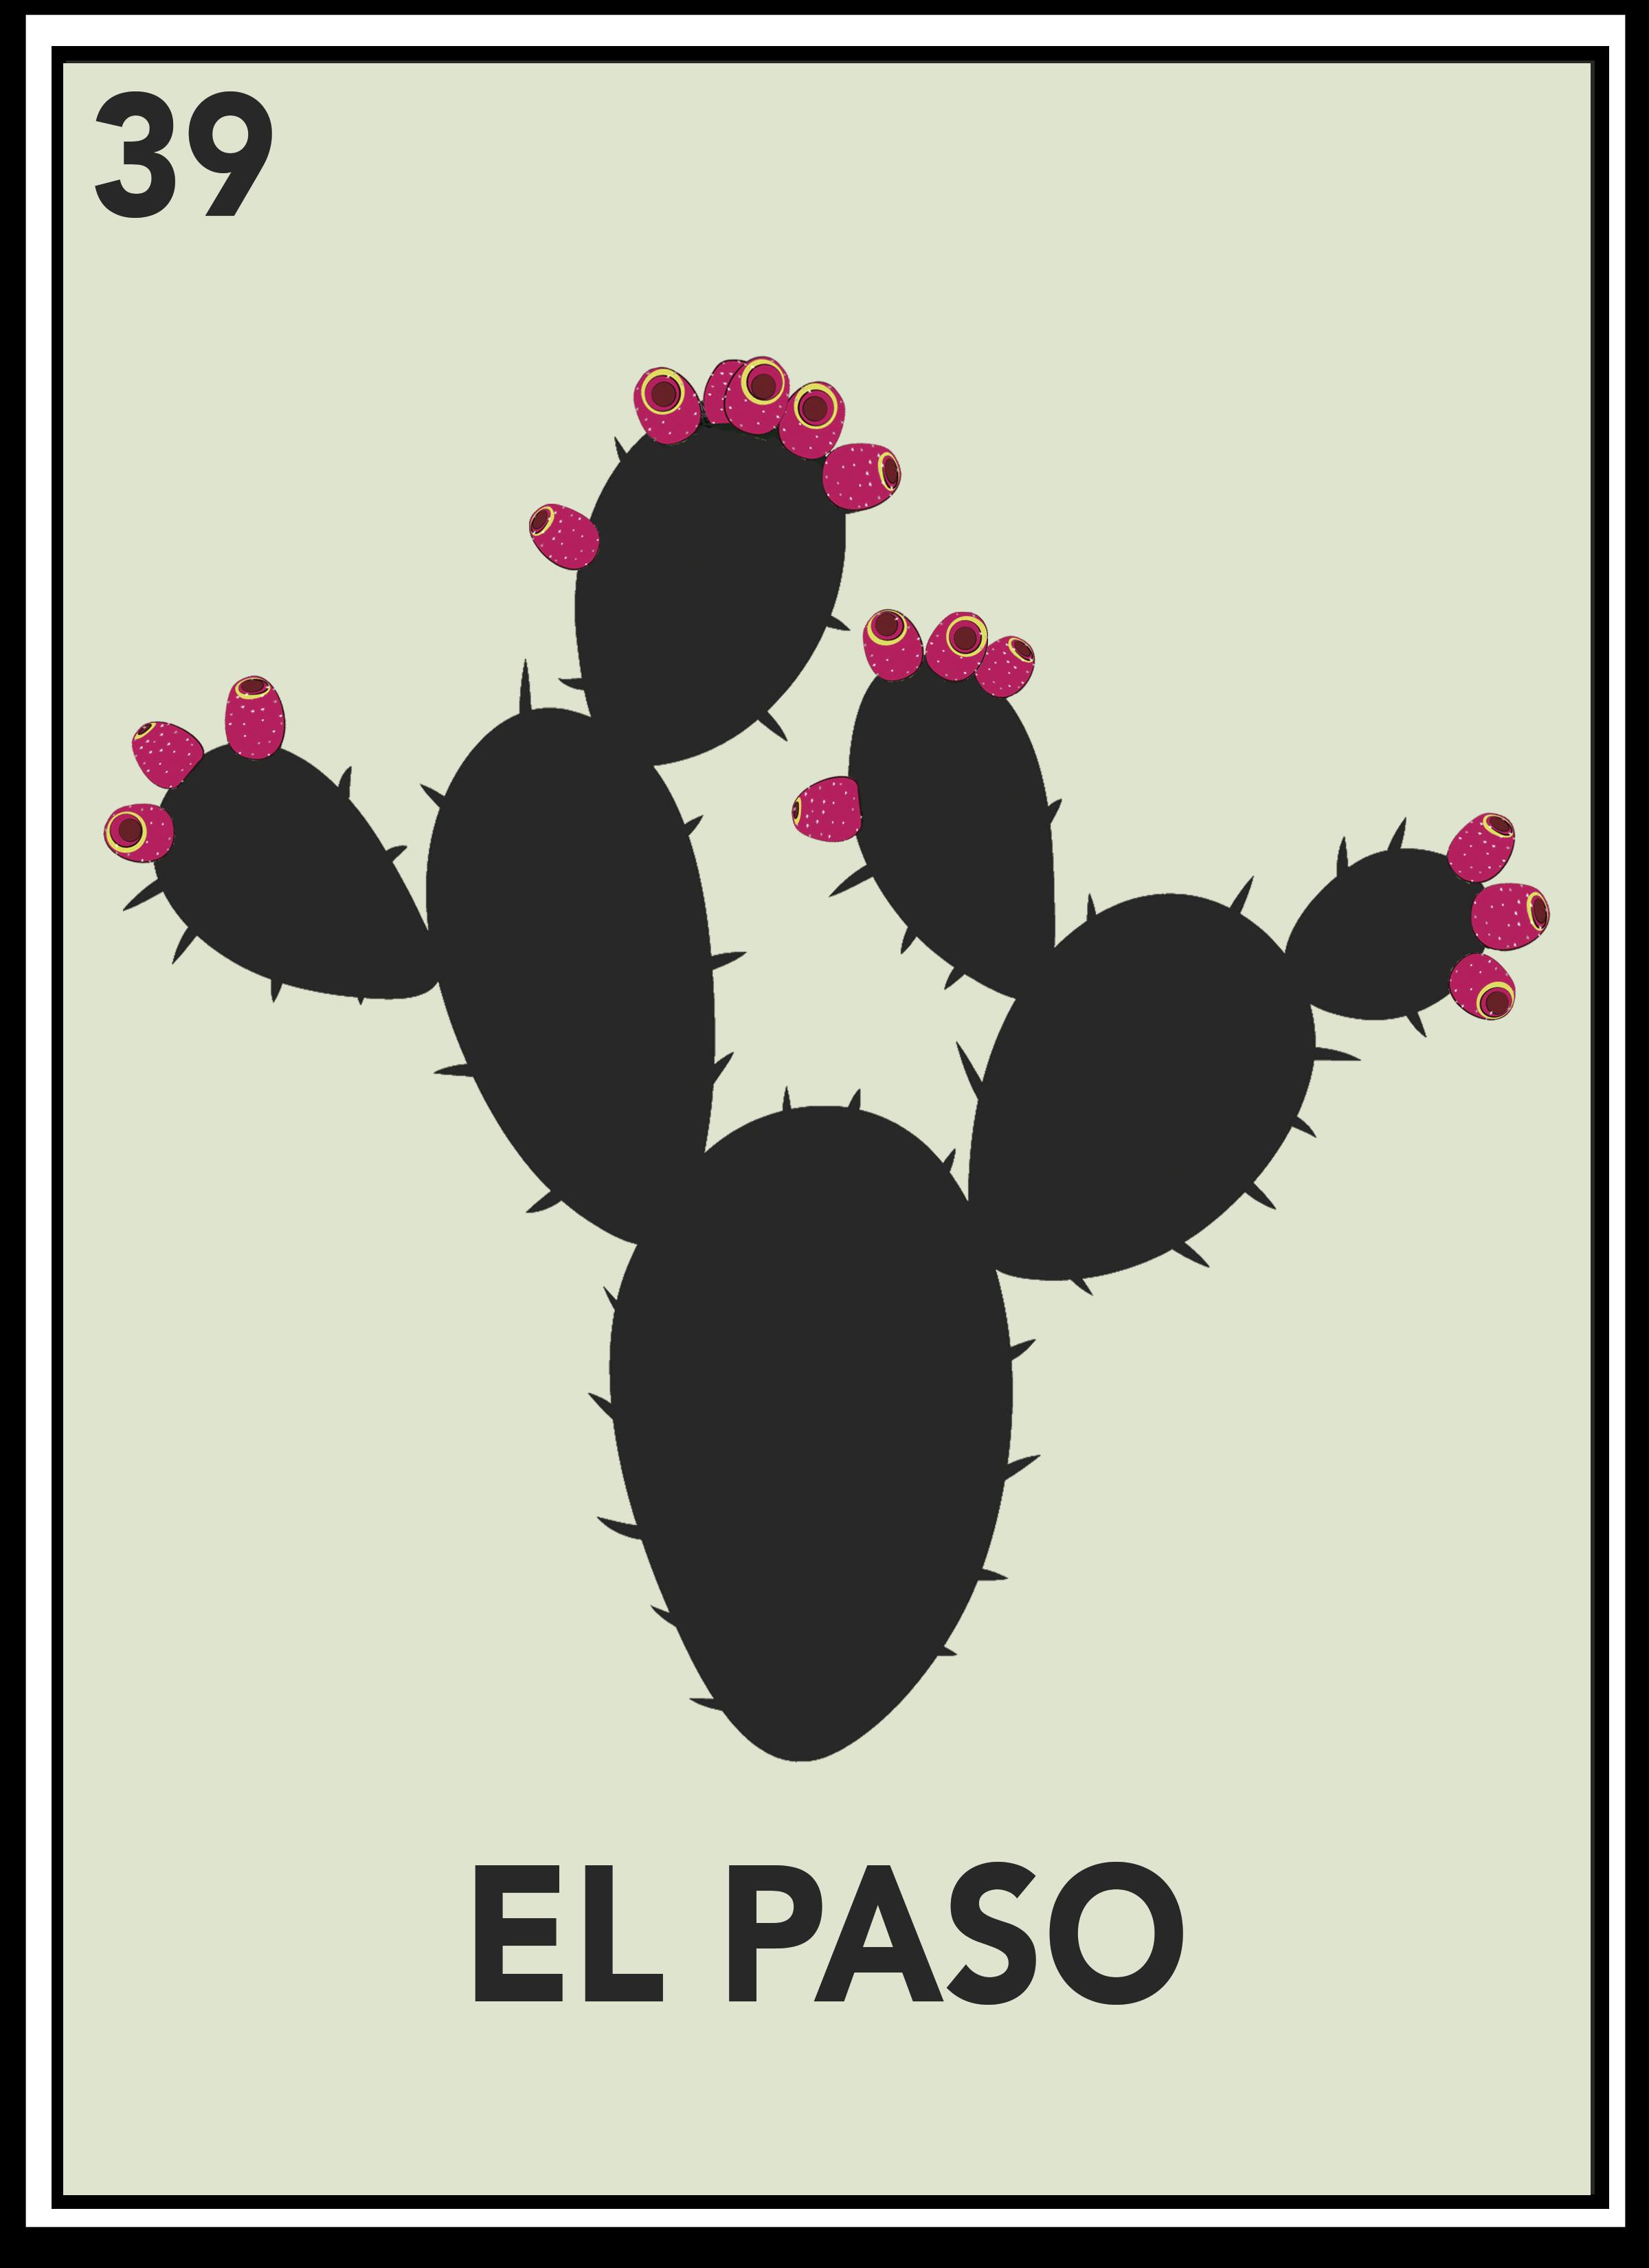 El PasoT-Shirt_logo_design.png